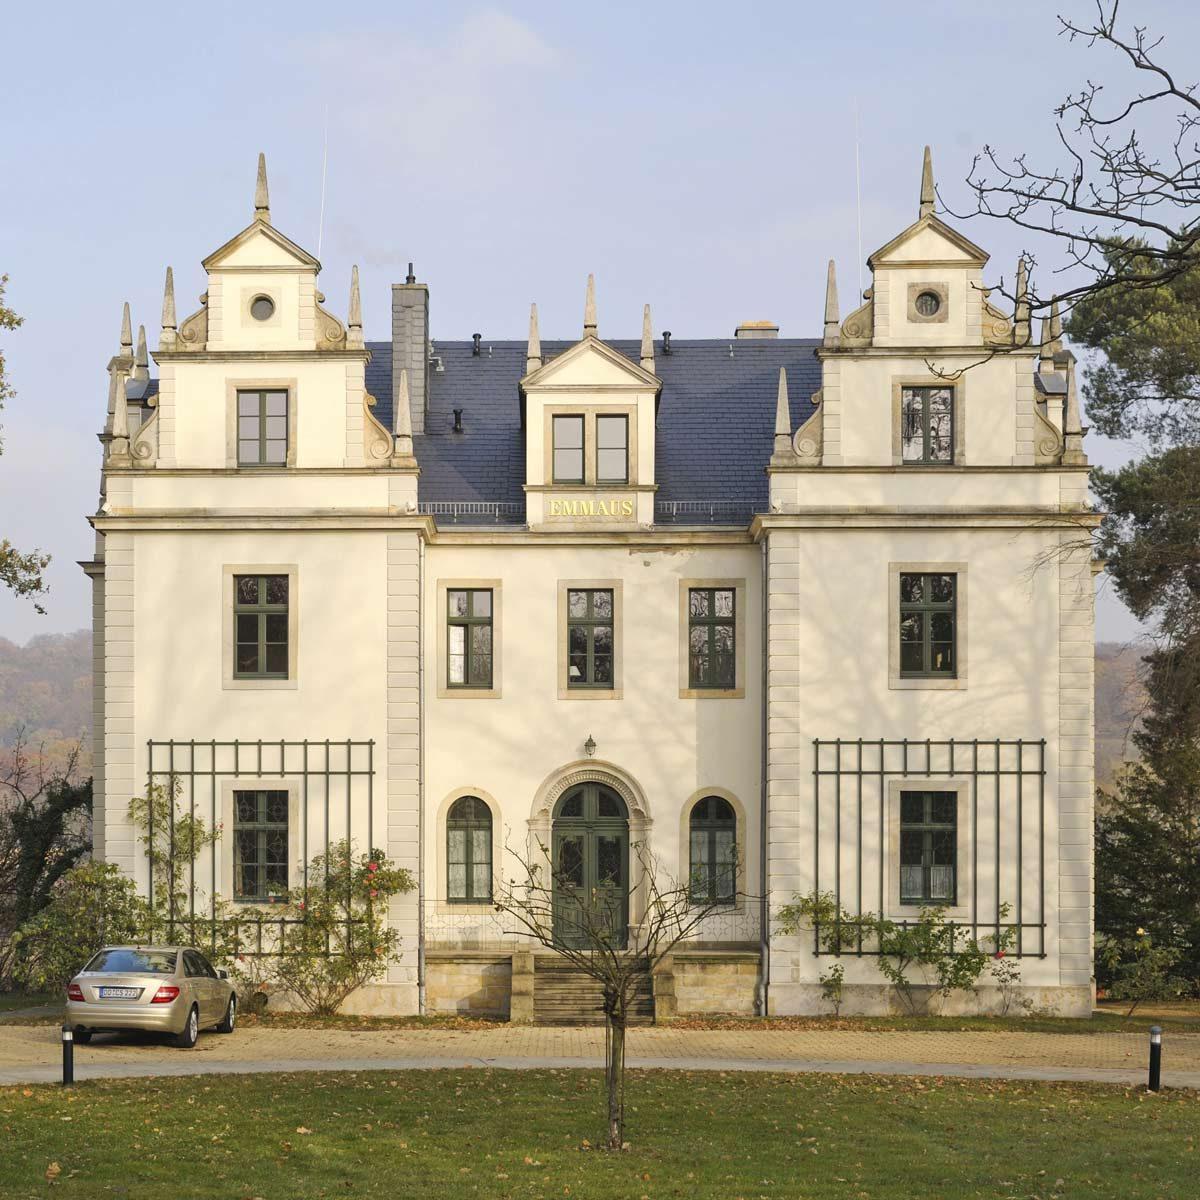 Villa Emmaus, Dresden, Saxony, Germany